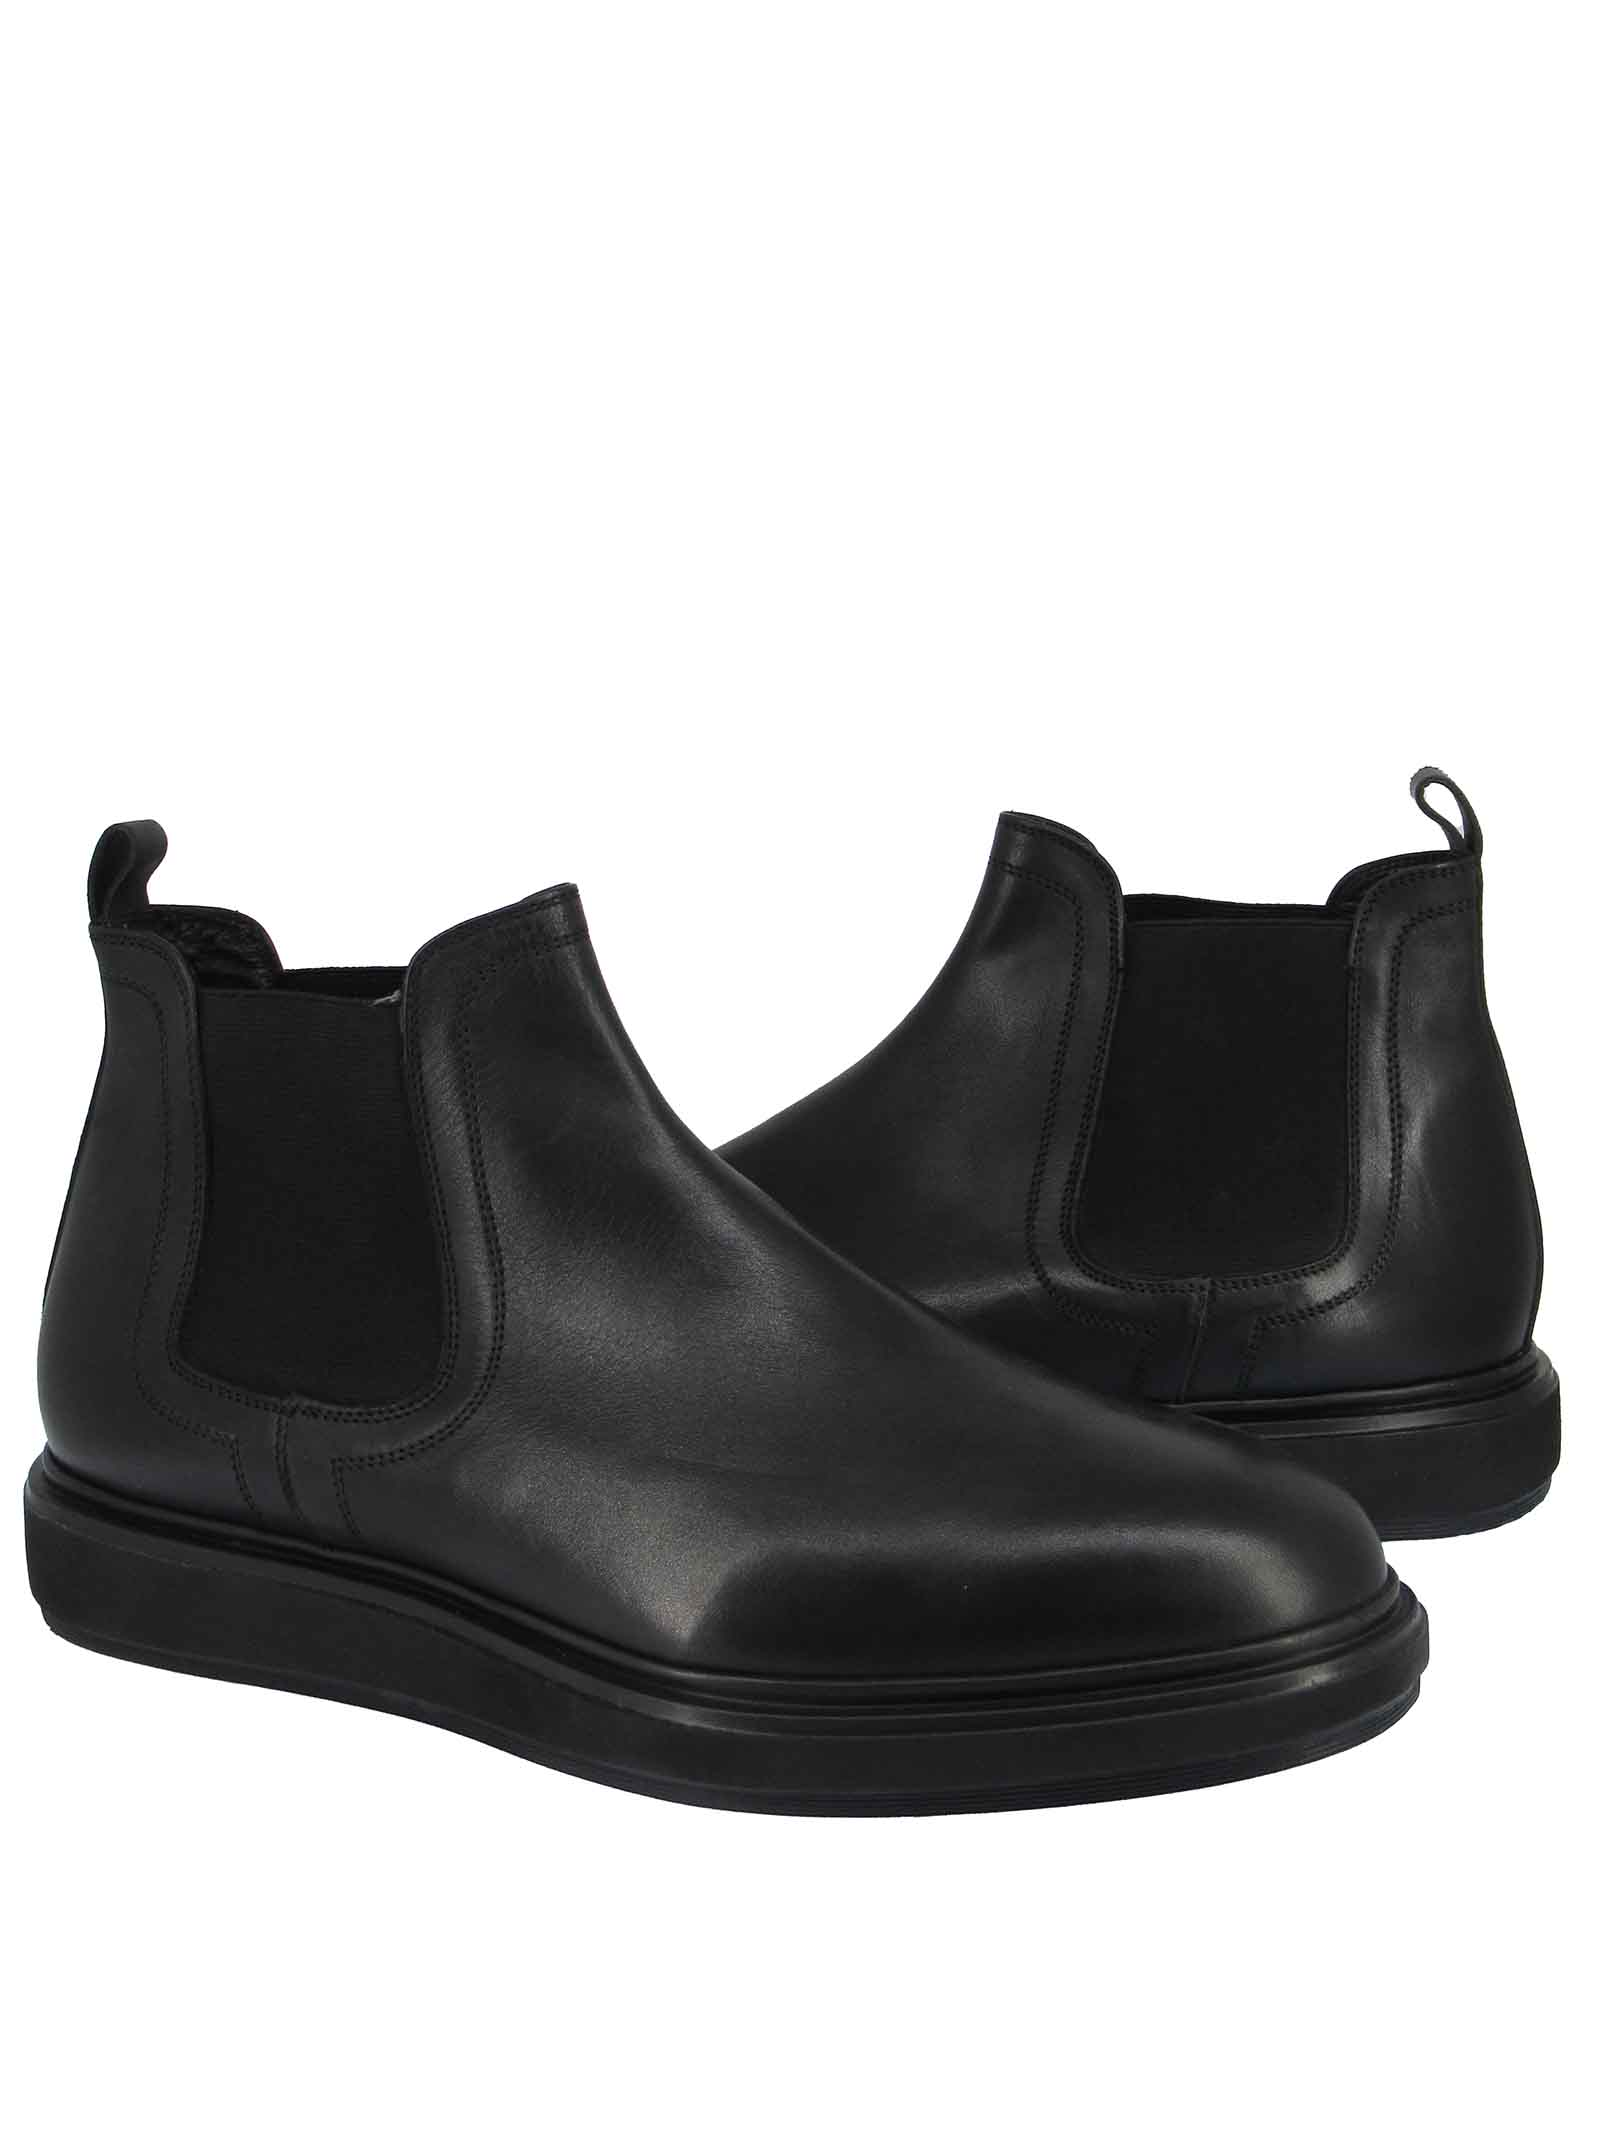 Calzature Uomo Stivaletti Chelsea Boot in Pelle Nera e Fondo Gomma Zeppa Jerold Wilton | Stivaletti | 1072NERO